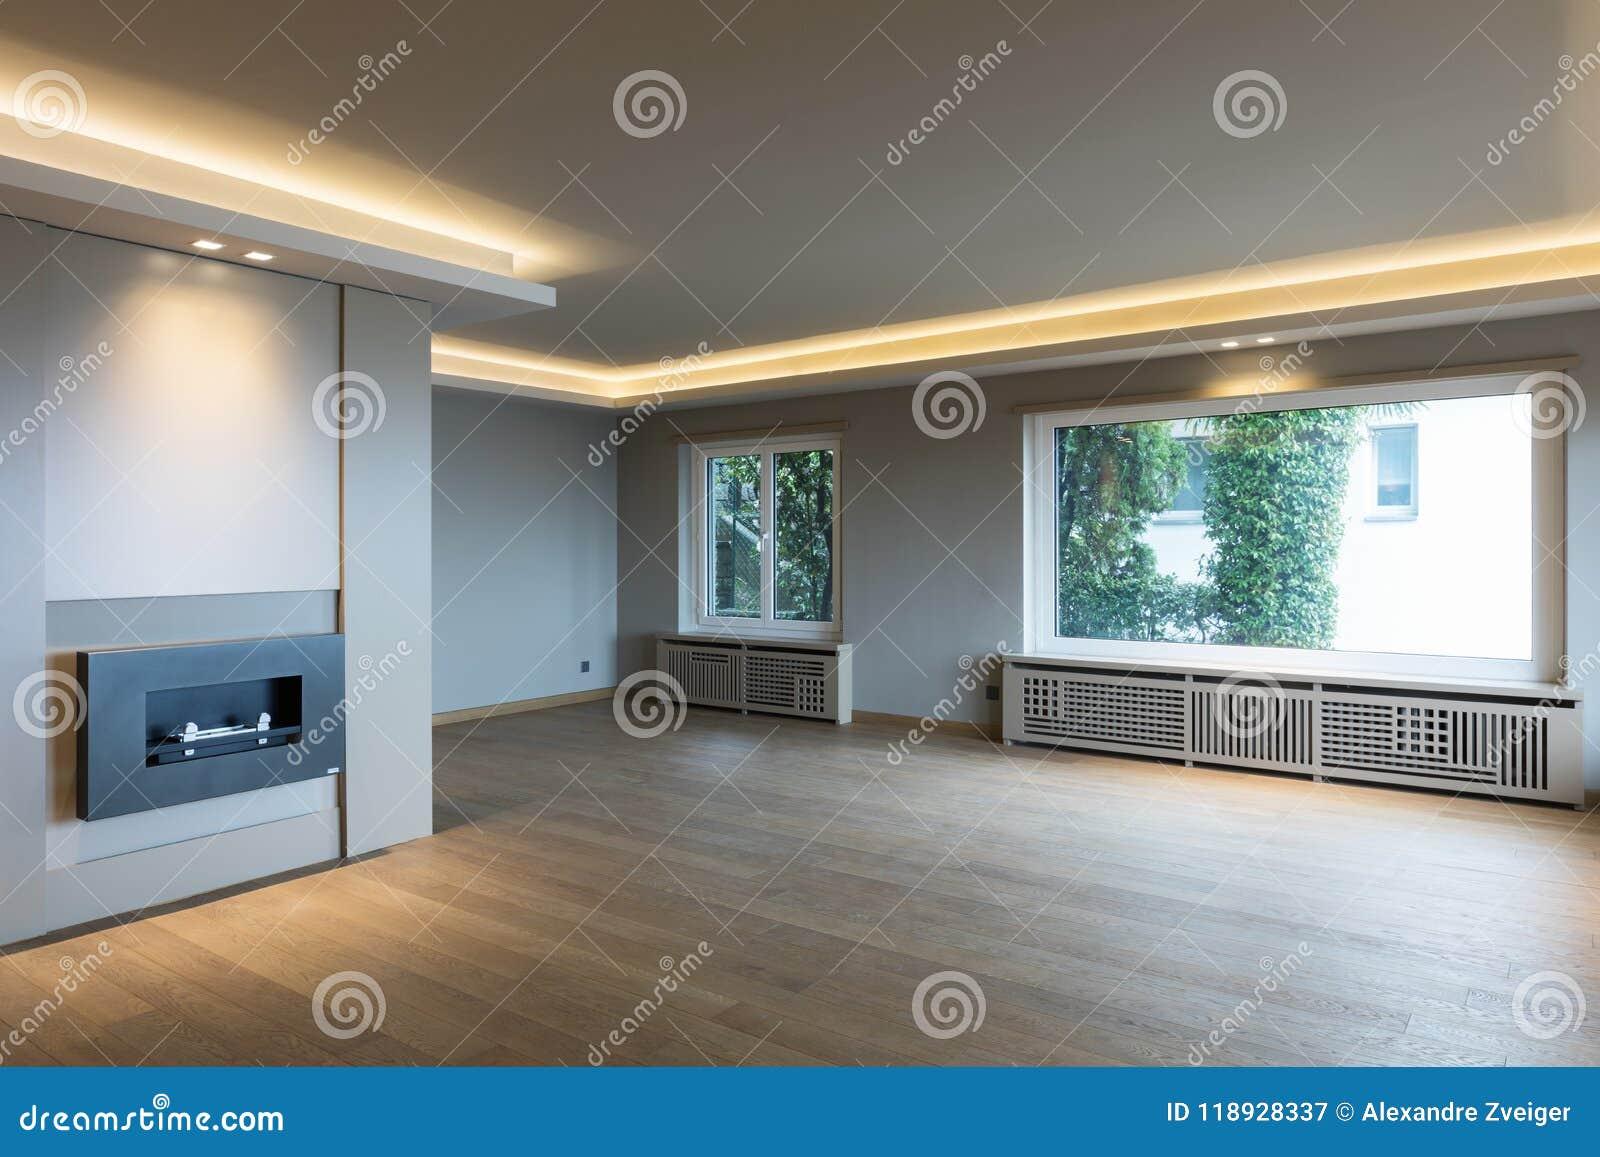 Großes Wohnzimmer | Grosses Wohnzimmer In Der Modernen Wohnung Stockbild Bild Von